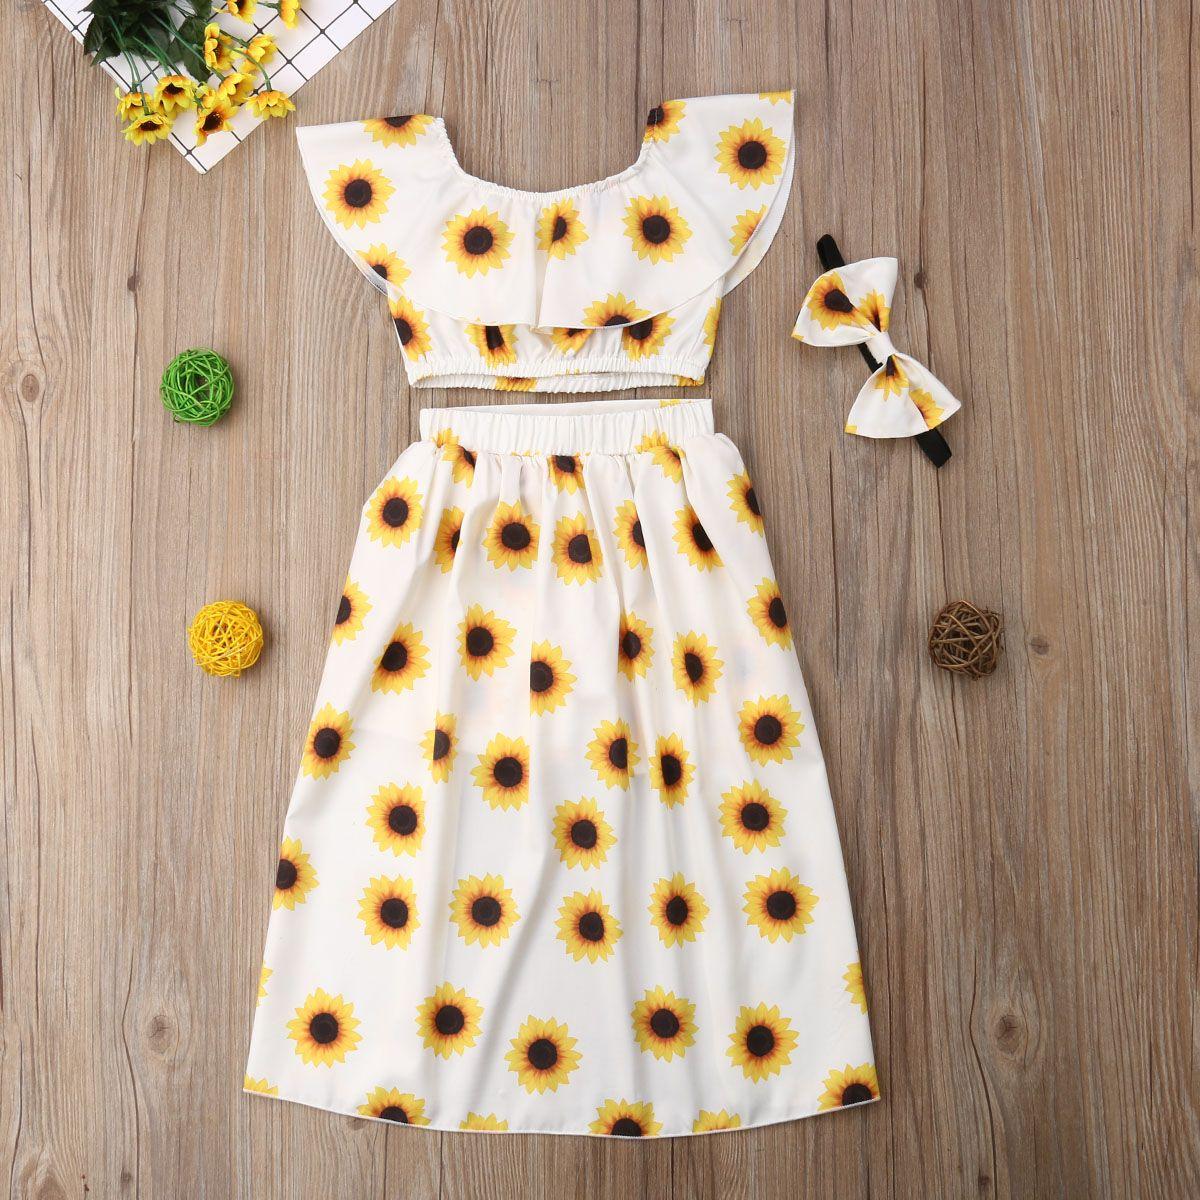 3pcs Kleinkind-Kind-Baby-Kleidung-Blument-shirt übersteigt kurze Rock-Ausstattungen